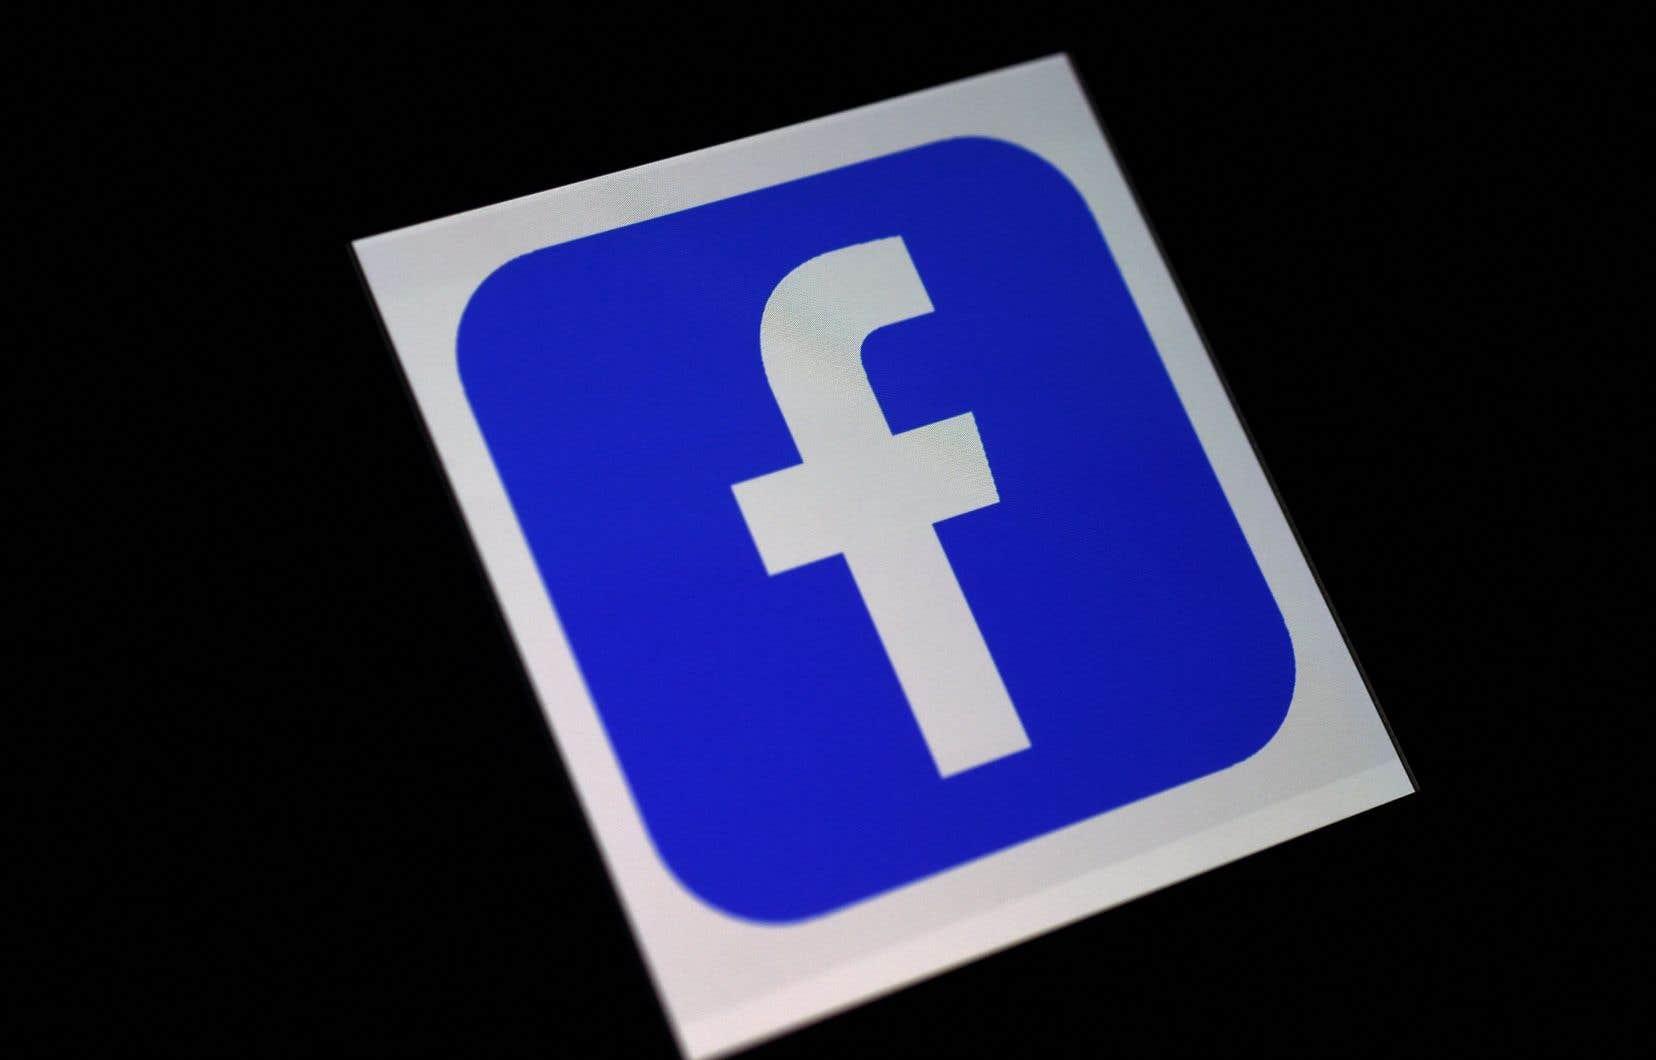 Facebook prévoit faire du Canada l'un des premiers pays bénéficiaires de son programme d'investissement mondial d'un milliard de dollars sur trois ans pour les médias d'information.